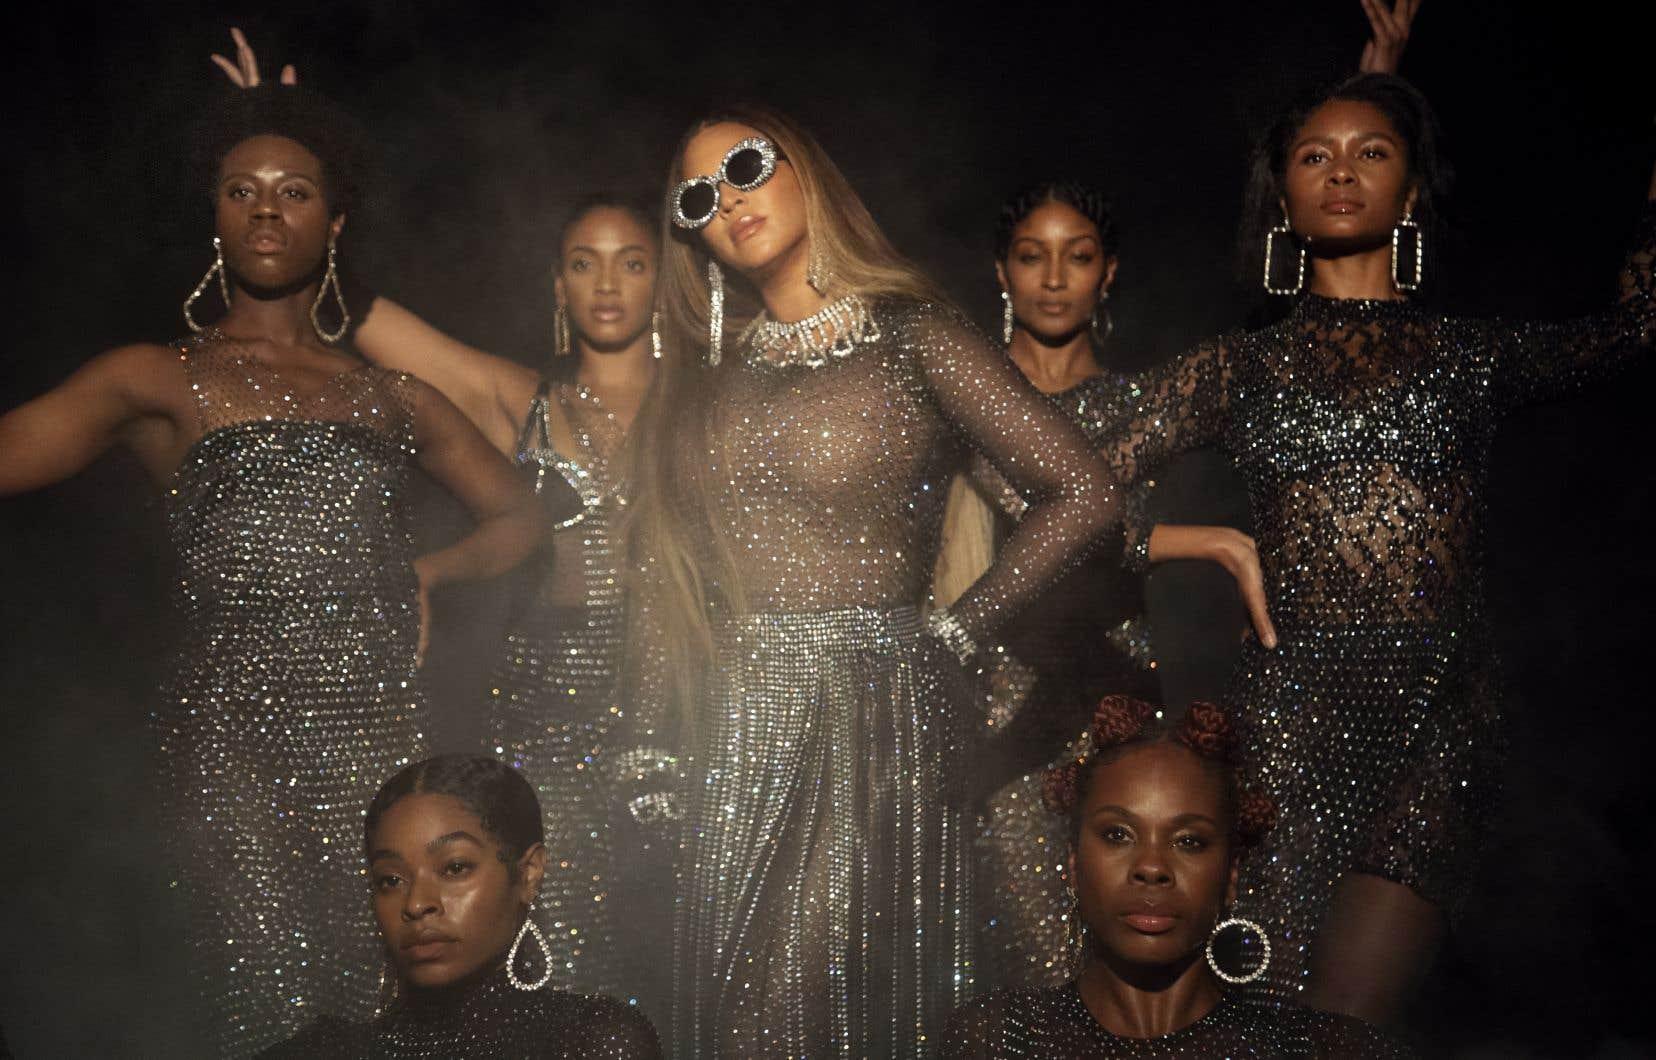 Dans tous les tableaux, de «Black is King», Beyoncé prend la pose, parade et danse comme elle seule sait le faire.